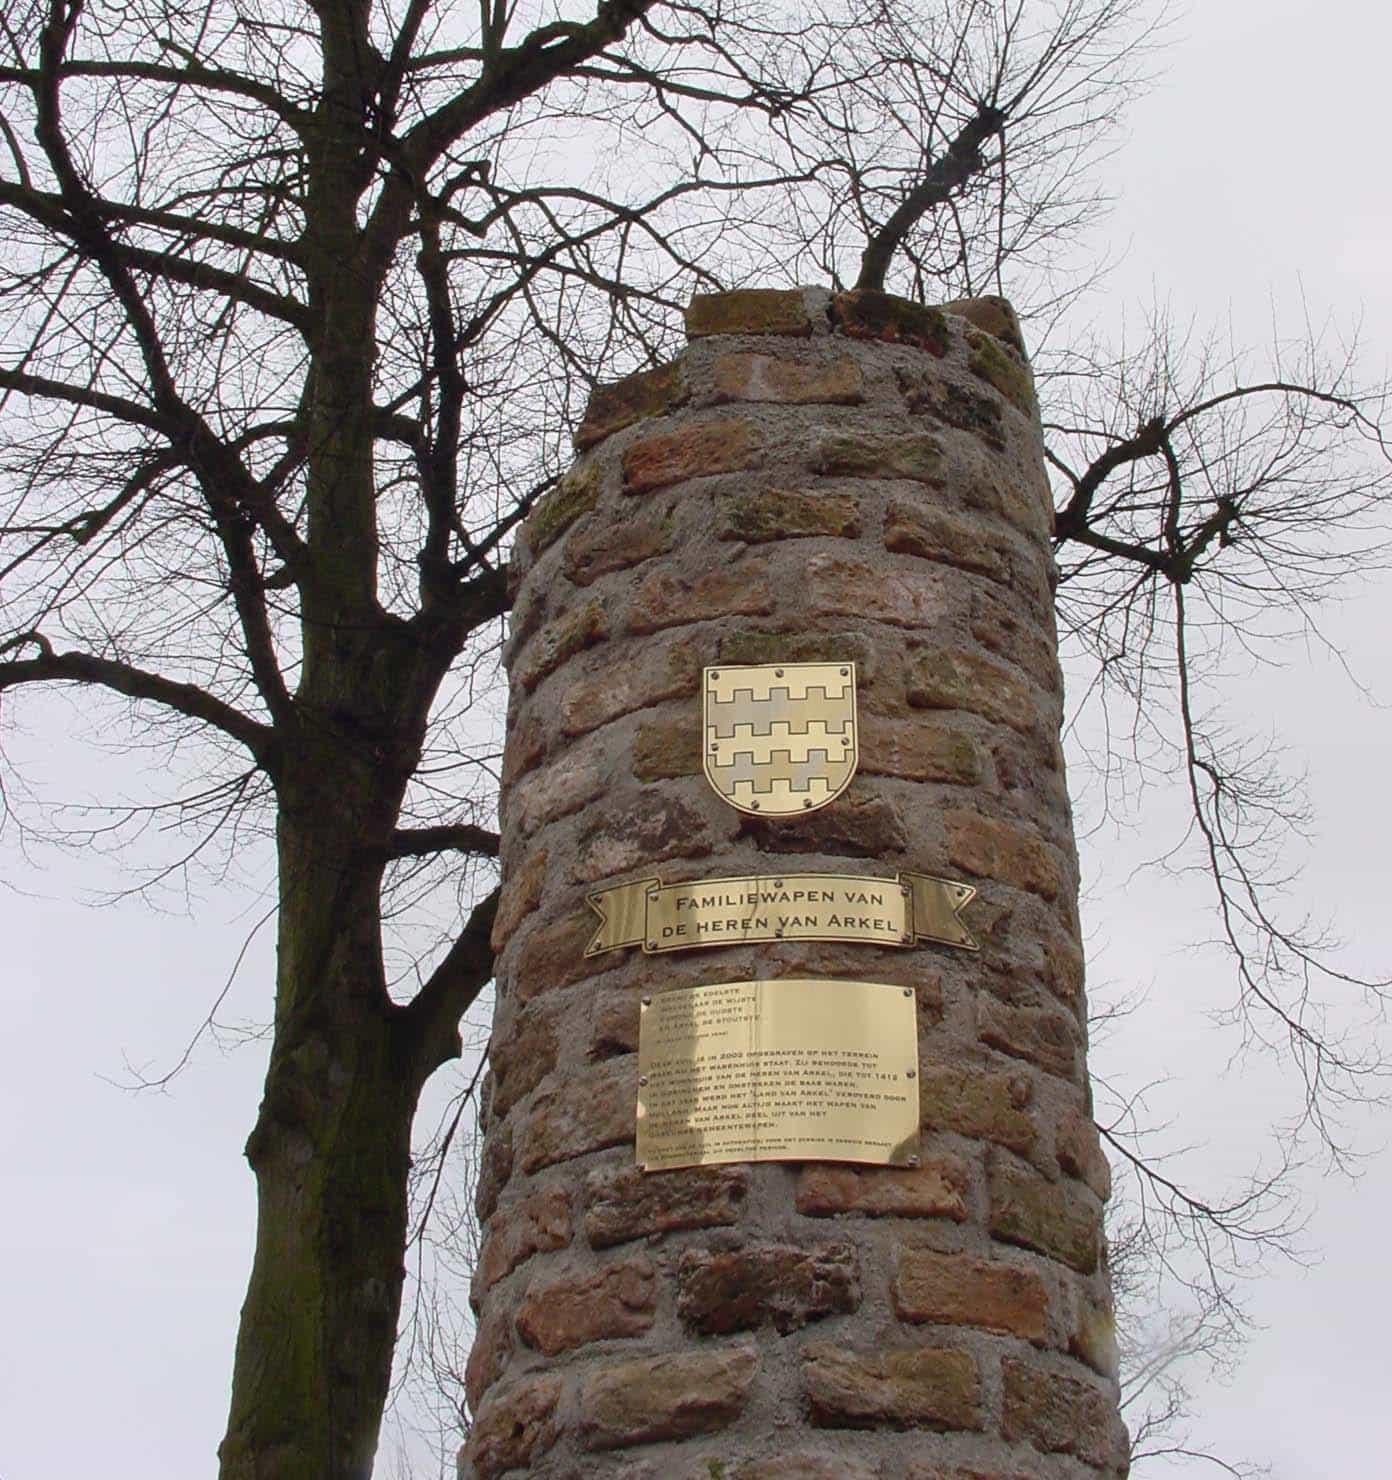 Zuil ter herinnering aan de de heren van Arkel in de Struisvogelstraat te Gorinchem, foto Martin Veen